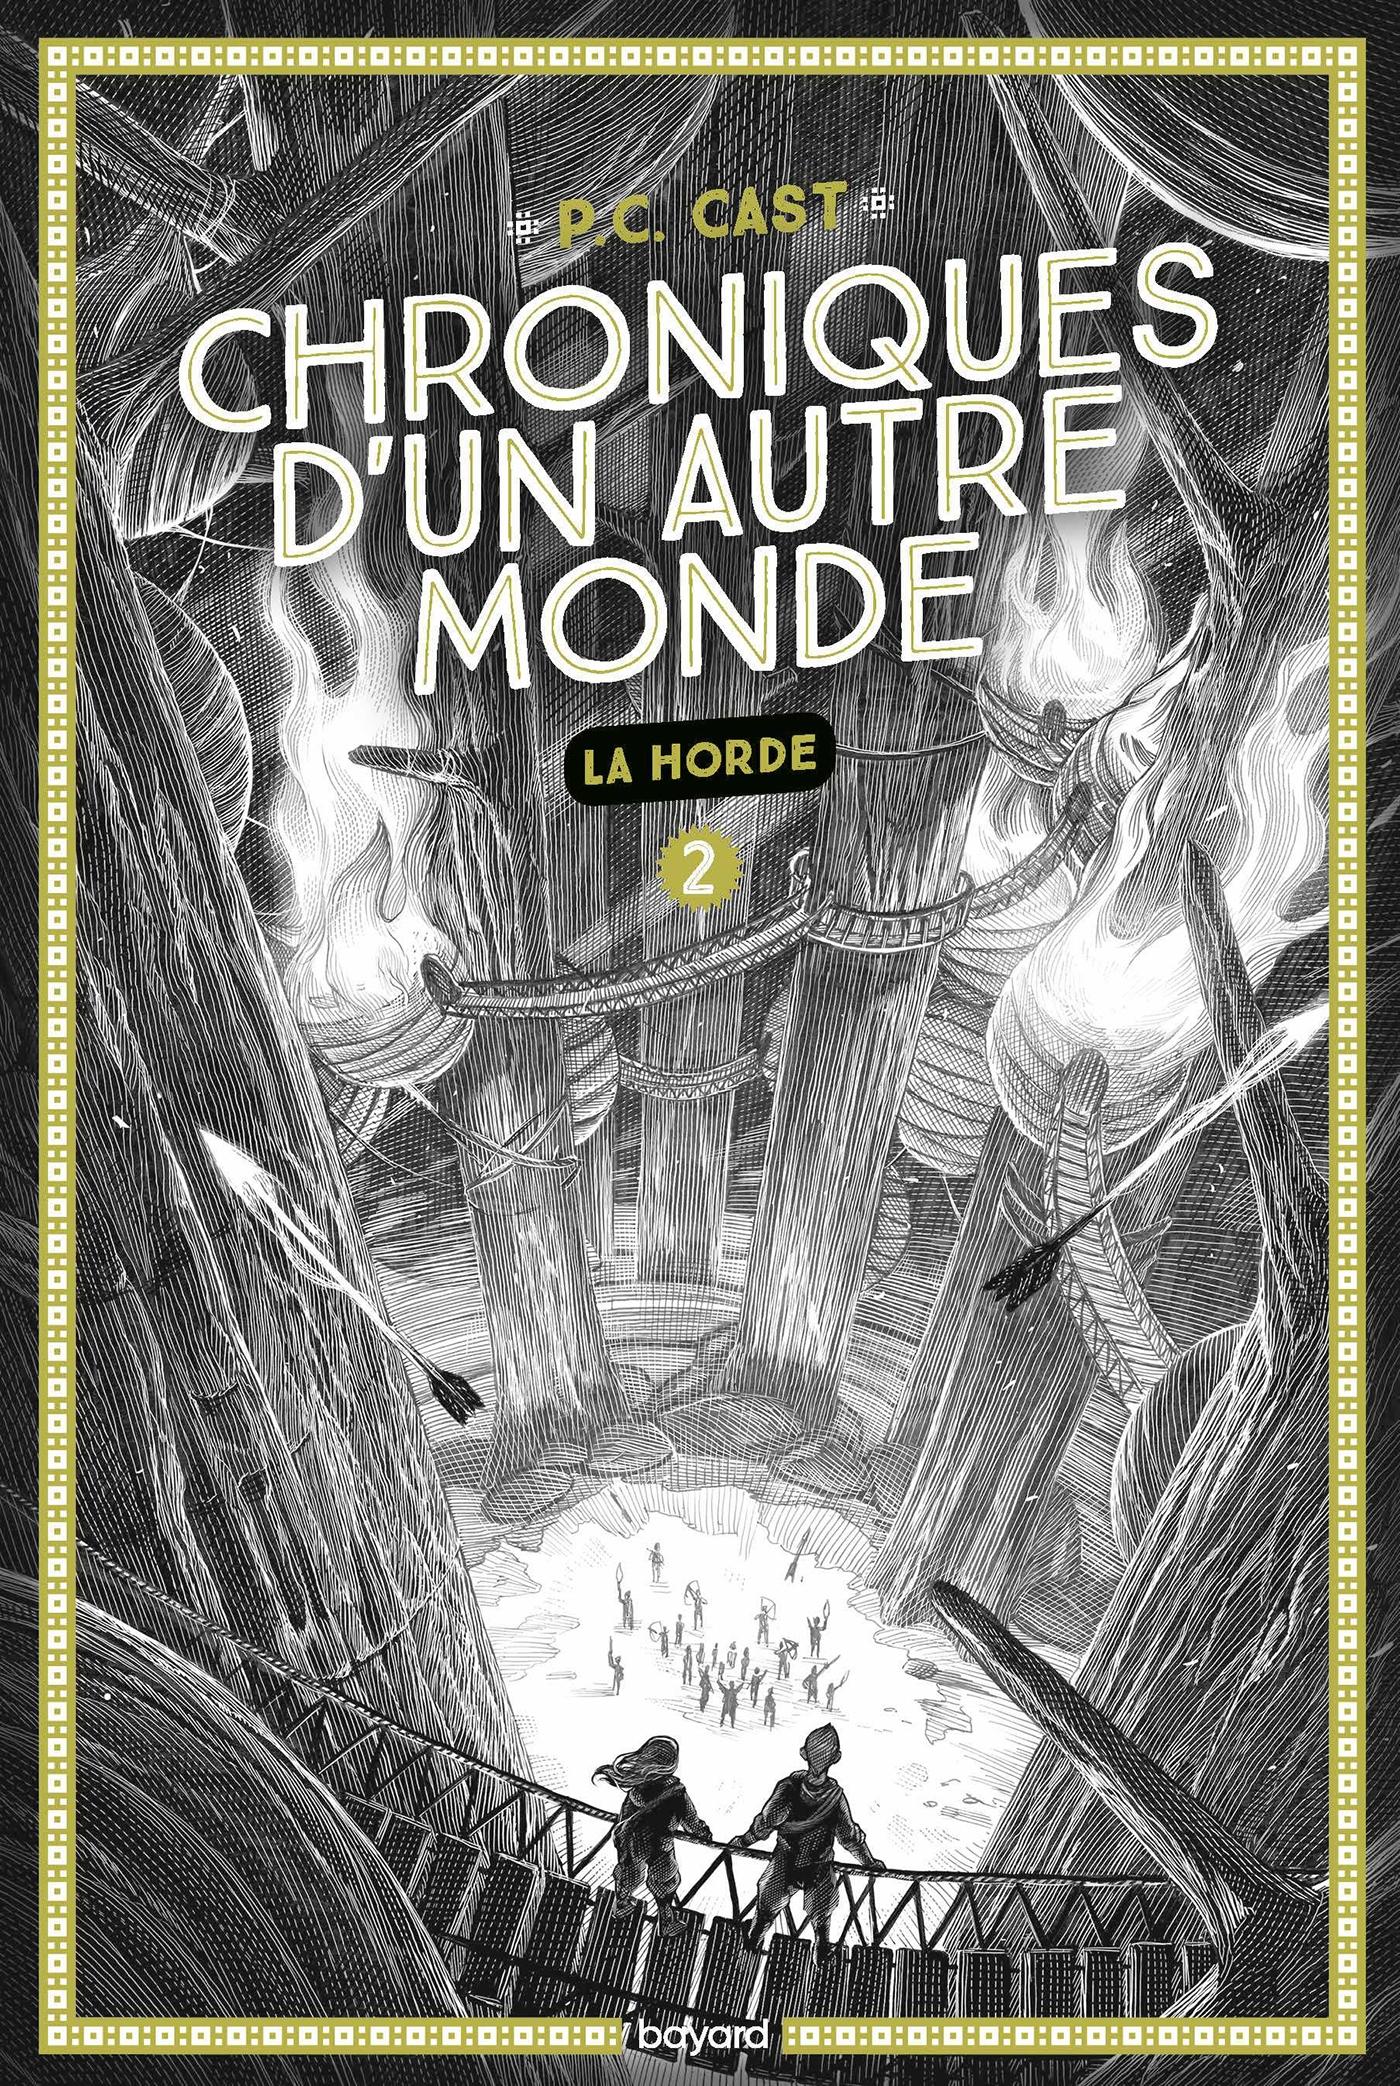 Image de l'article «Chroniques d'un autre monde: La horde de P.C Cast»